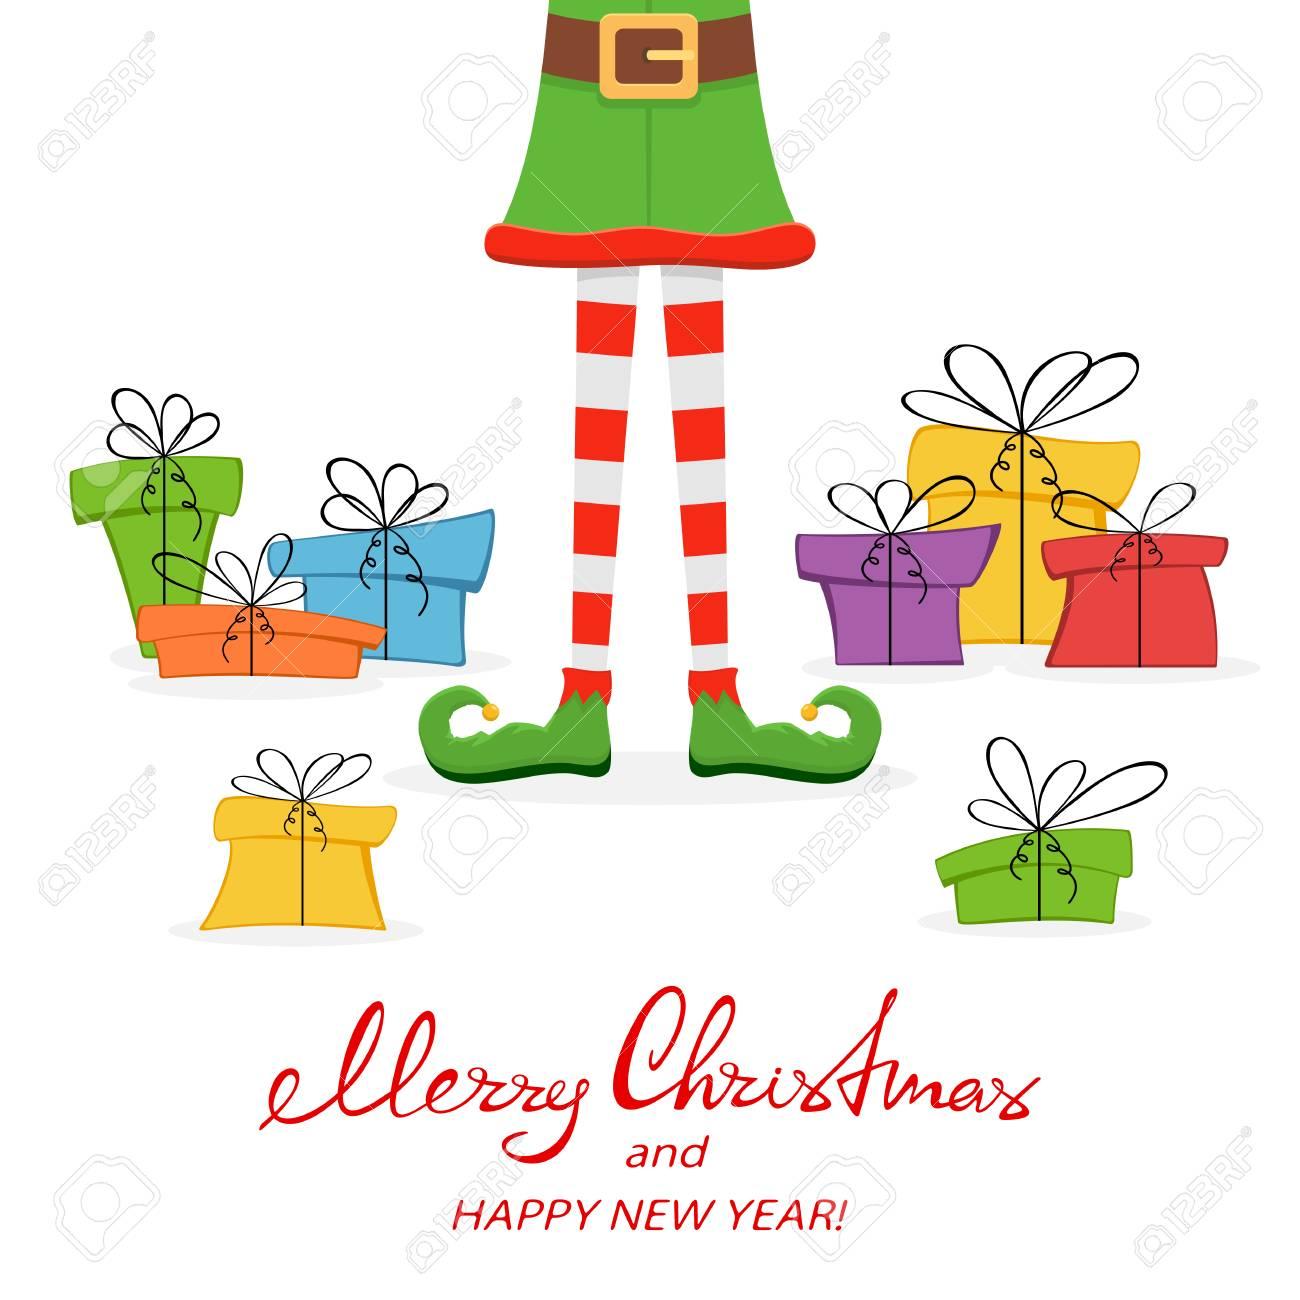 Beschriftung Frohe Weihnachten Und Happy New Year Mit Elf Beinen In ...